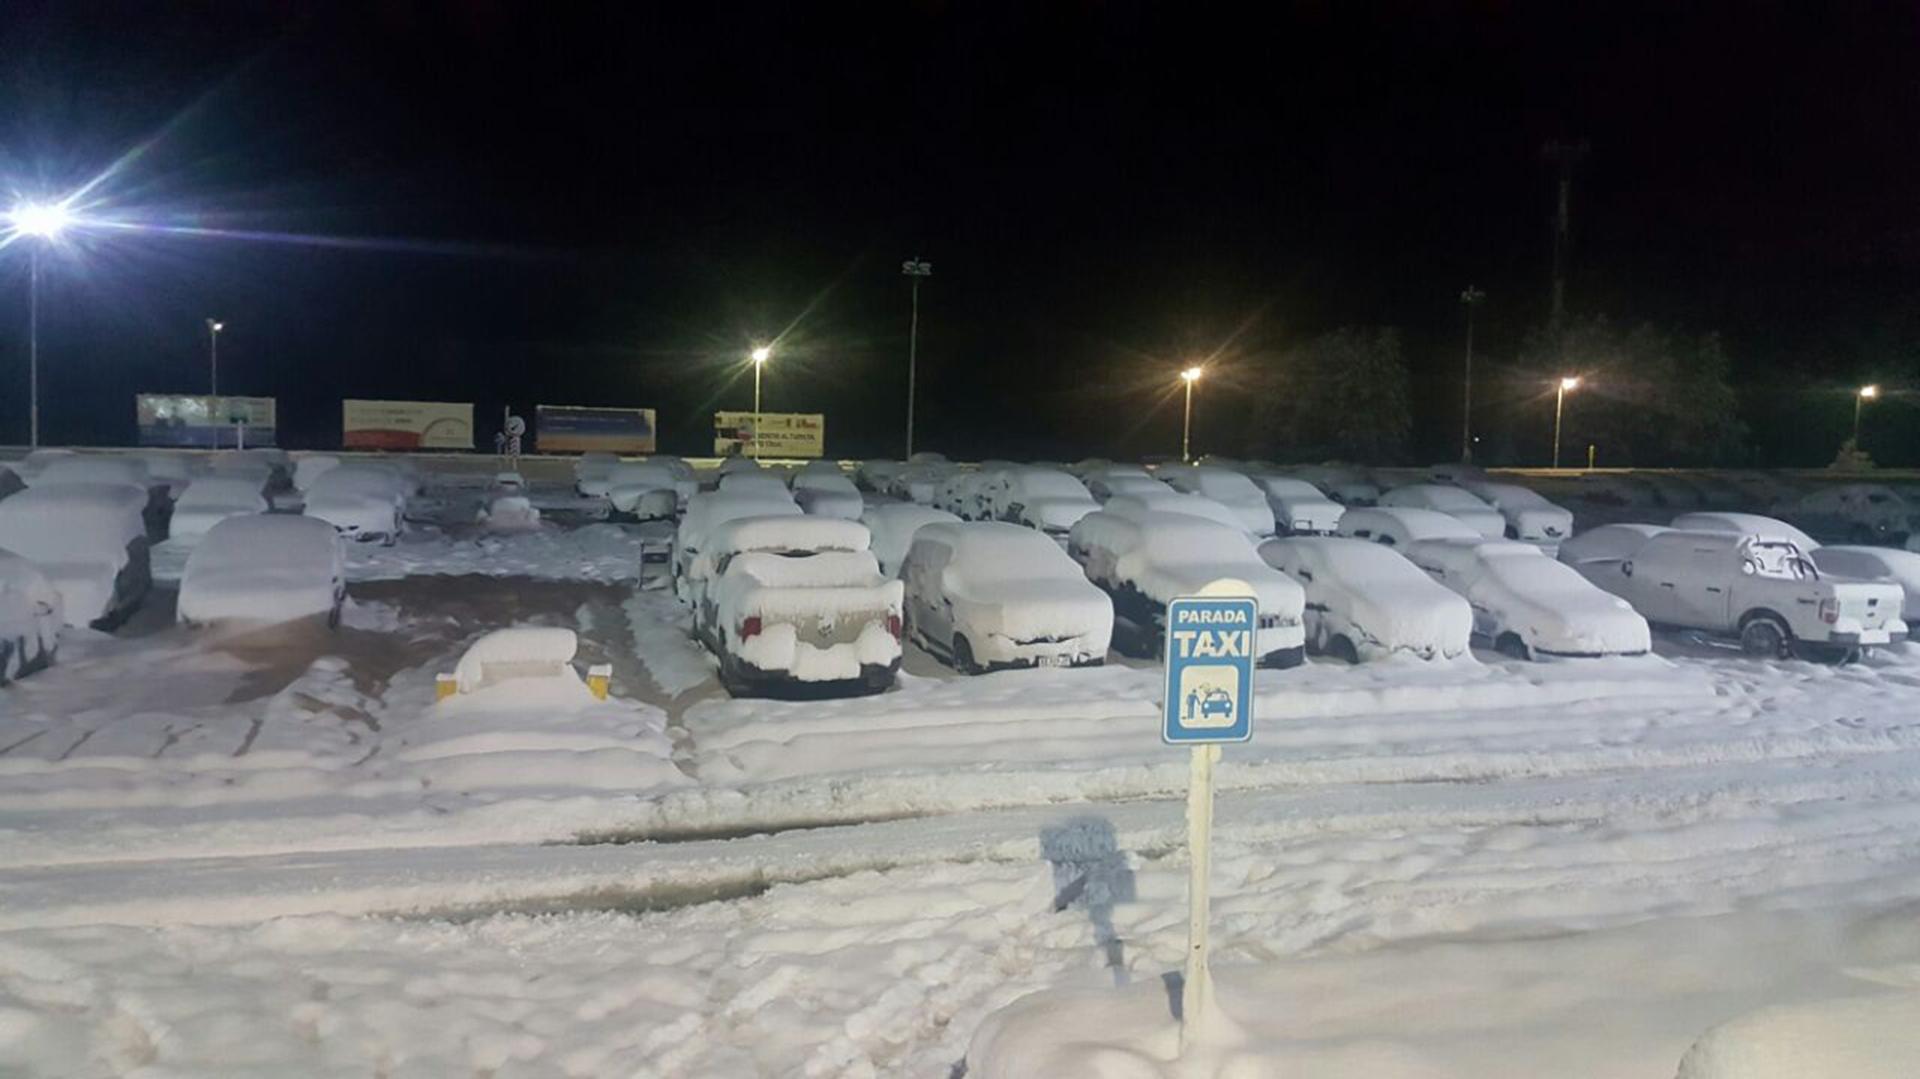 La Patagonia en emergencia climática por un temporal: vuelos cancelados, rutas cortadas y falta de servicios. La intensas nevadas afectan a cientos de miles de habitantes de ciudades de la zona cordillerana